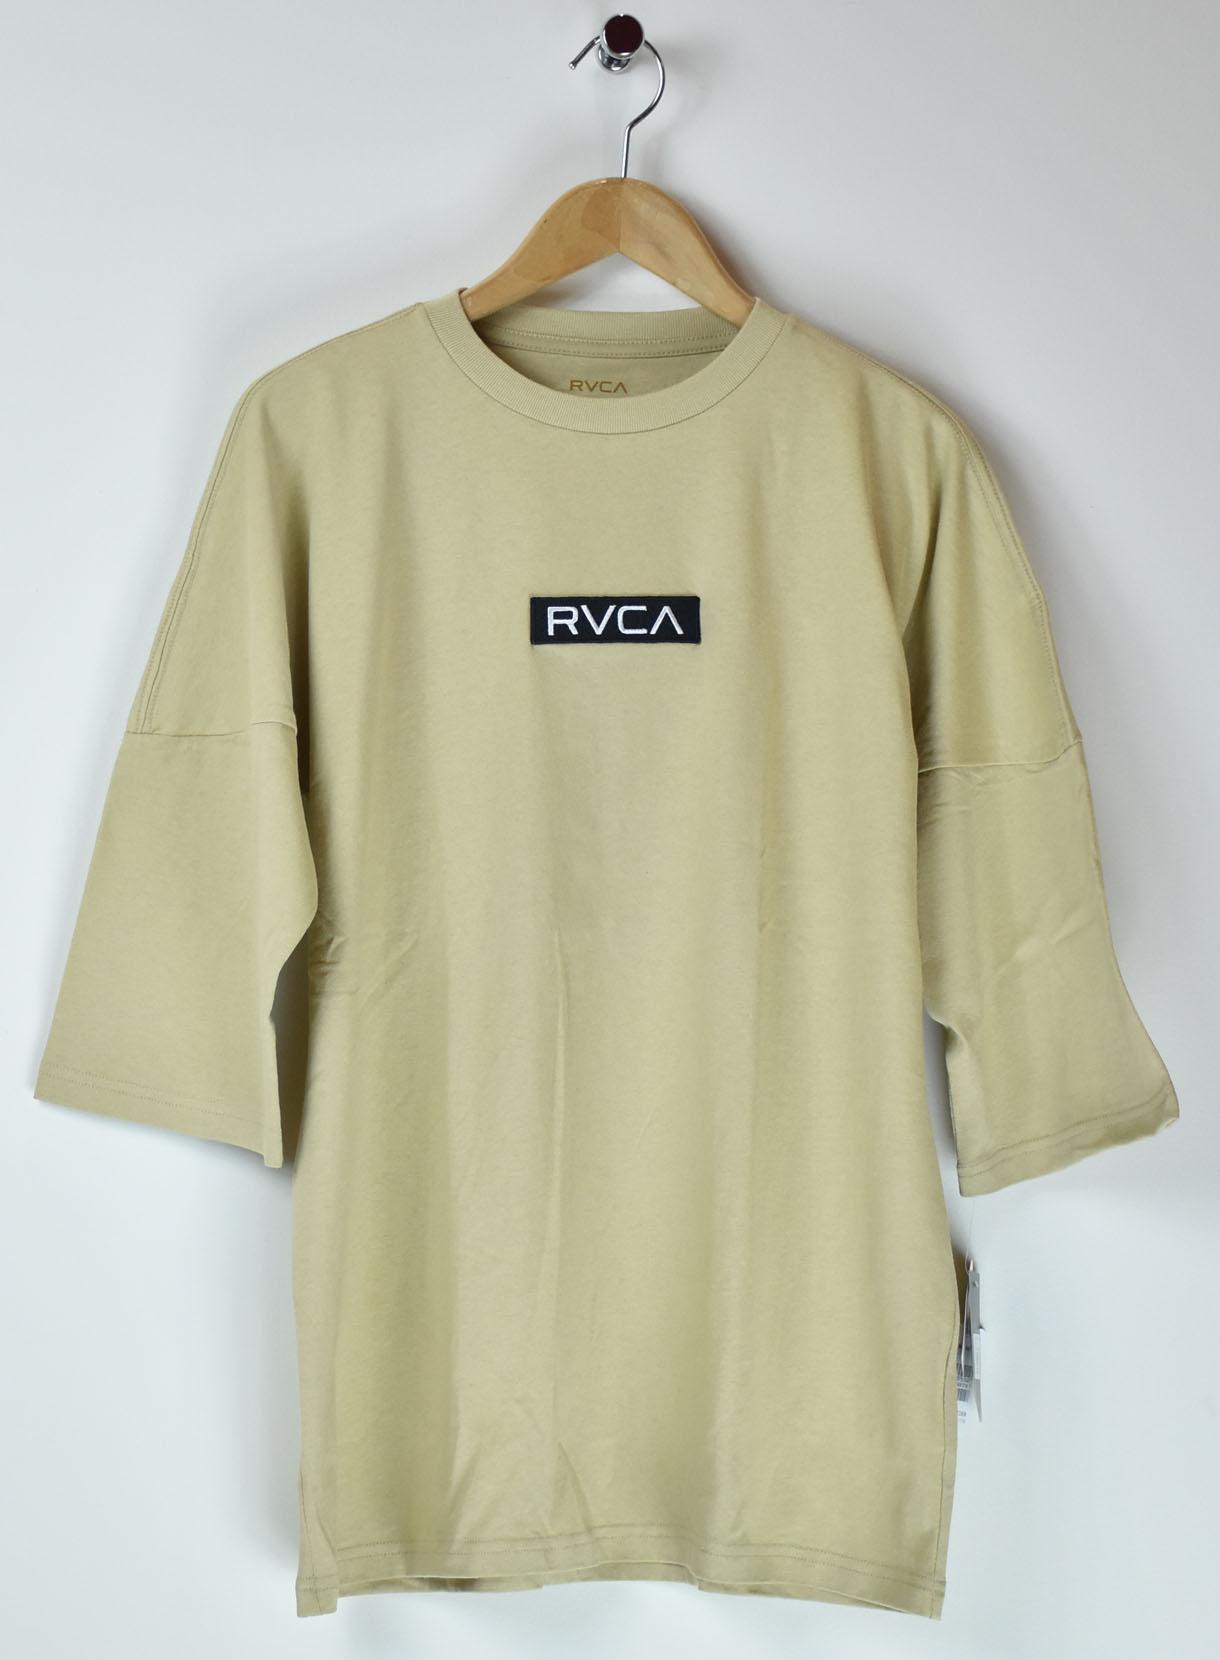 RVCA フロントワッペン7分Tシャツ